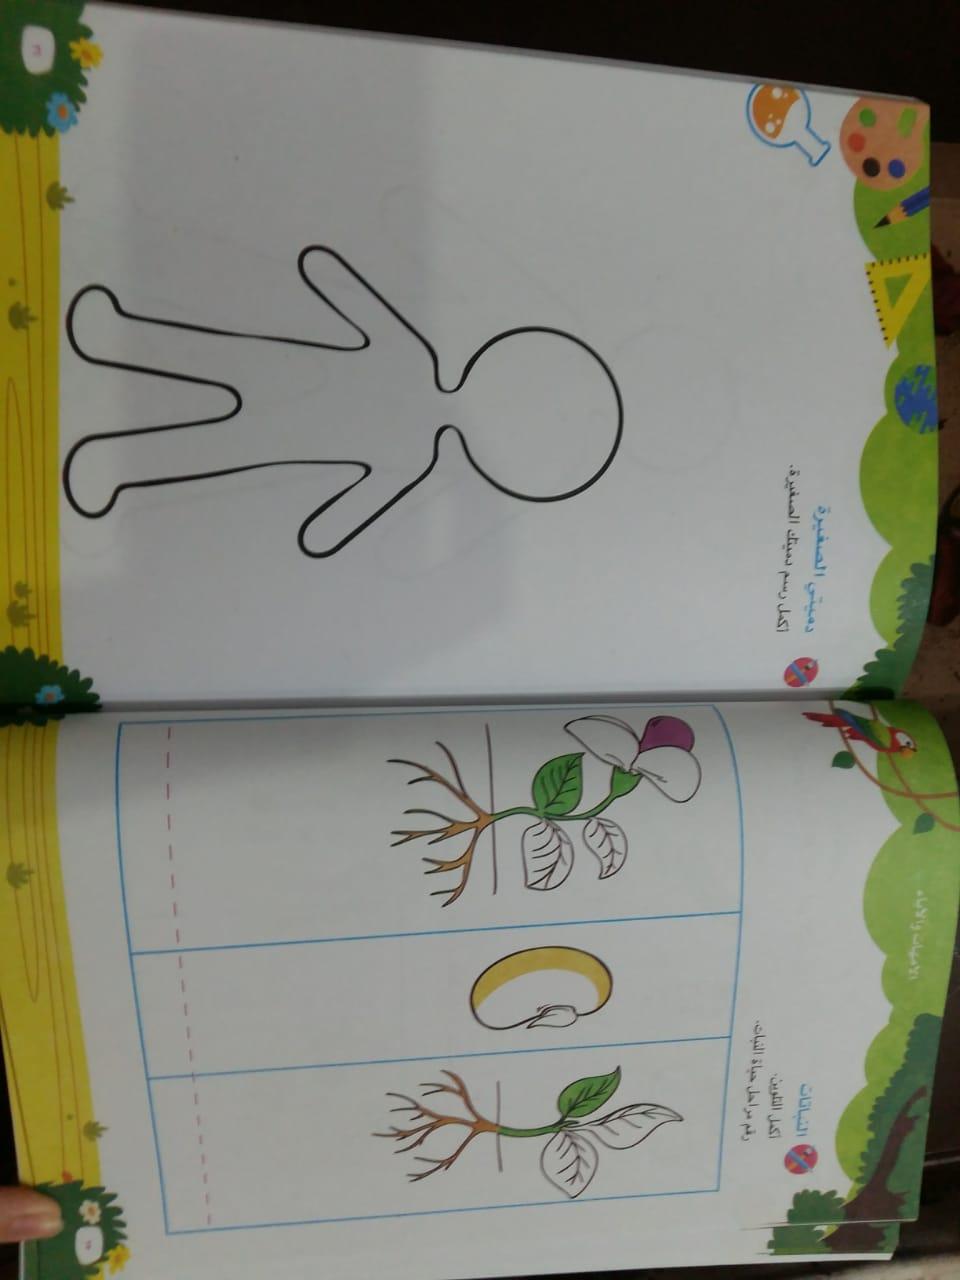 منهج رياض الأطفال الجديد (64)